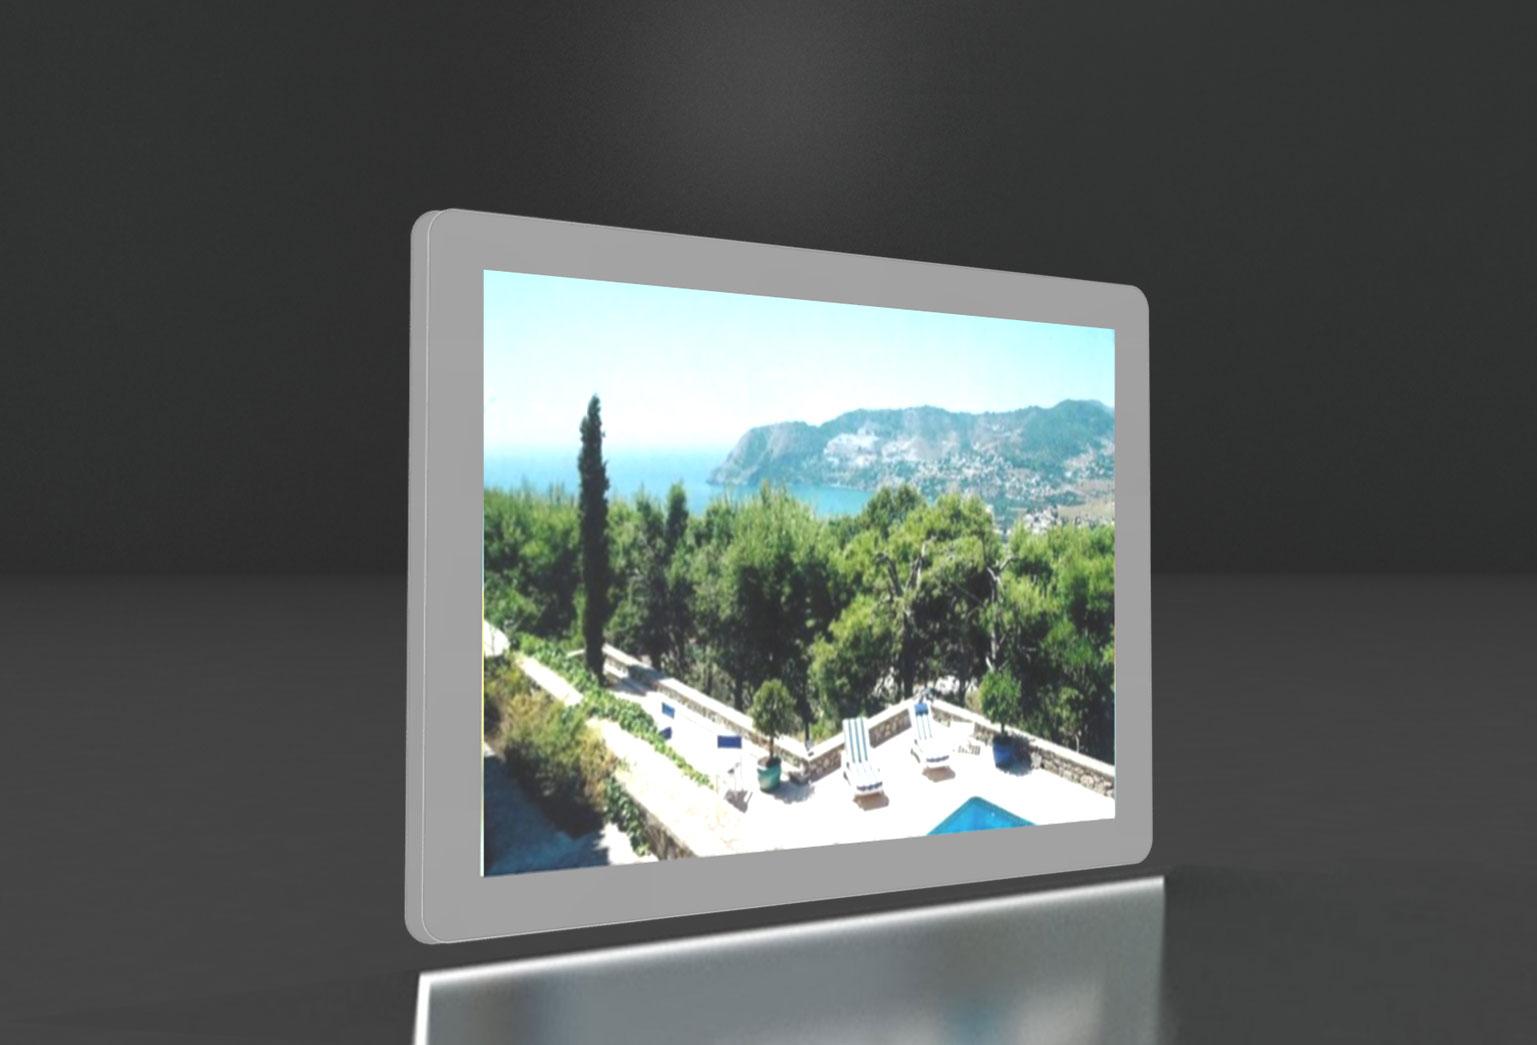 Papier spécial rétro éclairage Backlight – Impression fiches vitrines